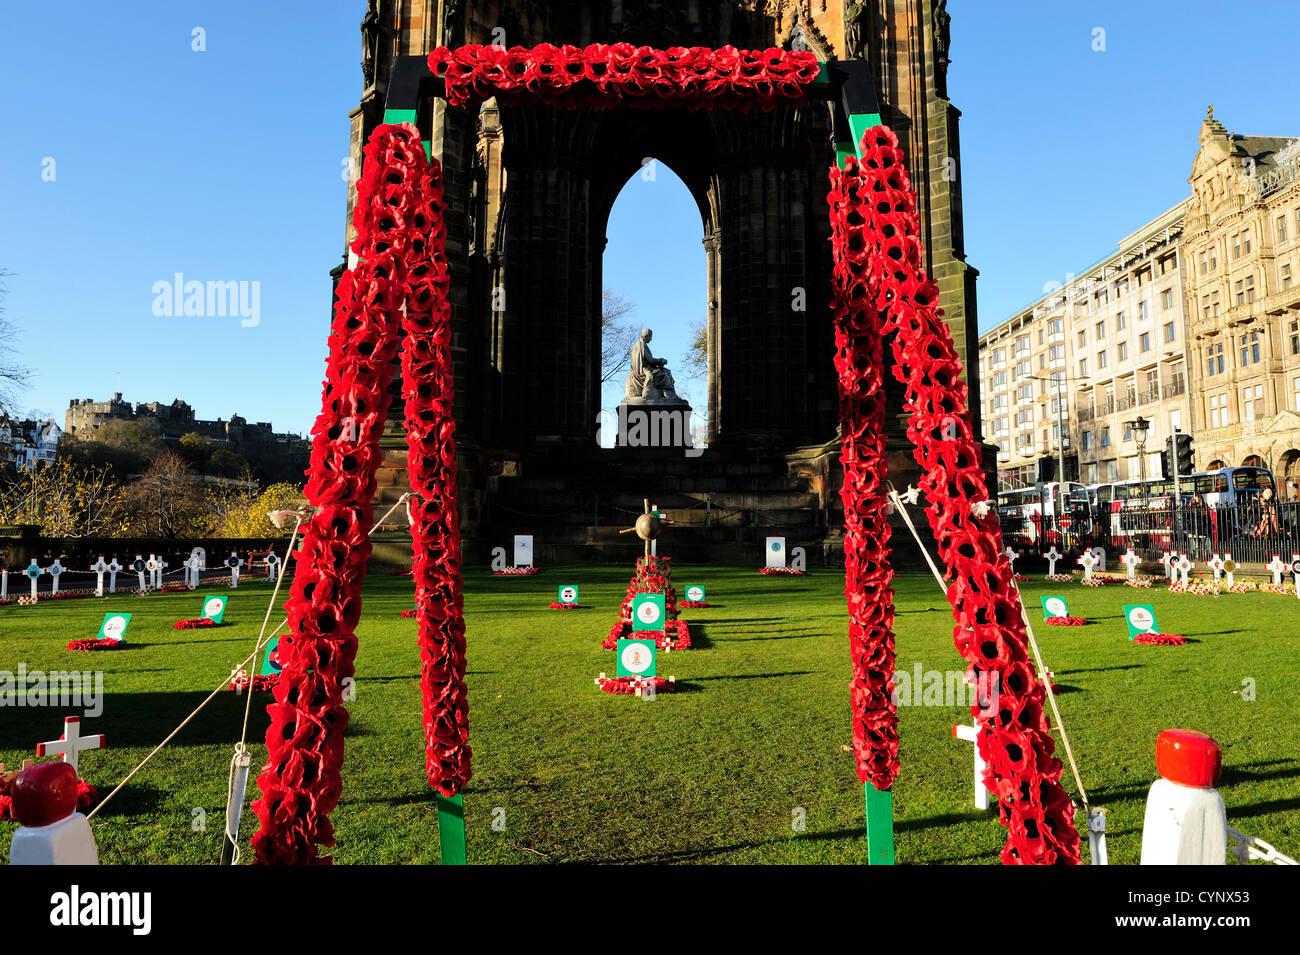 8 Nov 2012, Édimbourg, Écosse - Jardin du souvenir à côté du Scott Monument situé Photo Stock